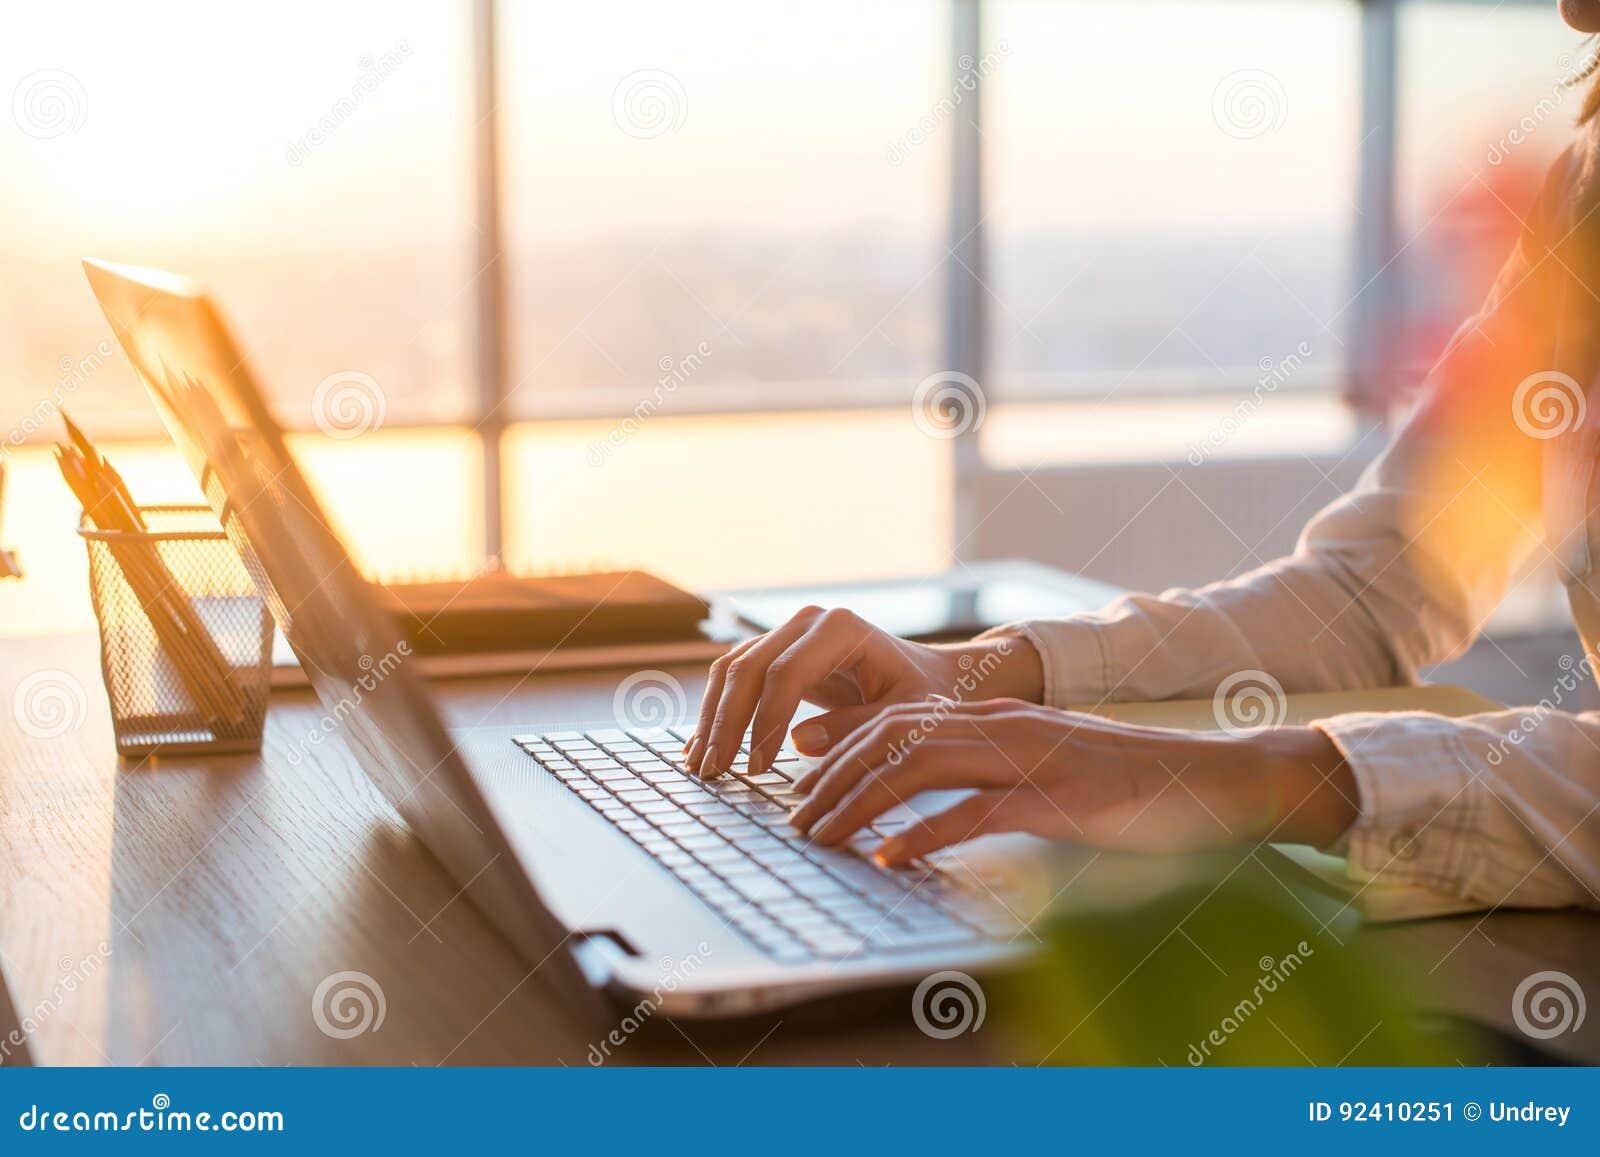 Femme d affaires adulte travaillant à la maison utilisant l ordinateur, étudiant des idées d affaires sur un écran de PC